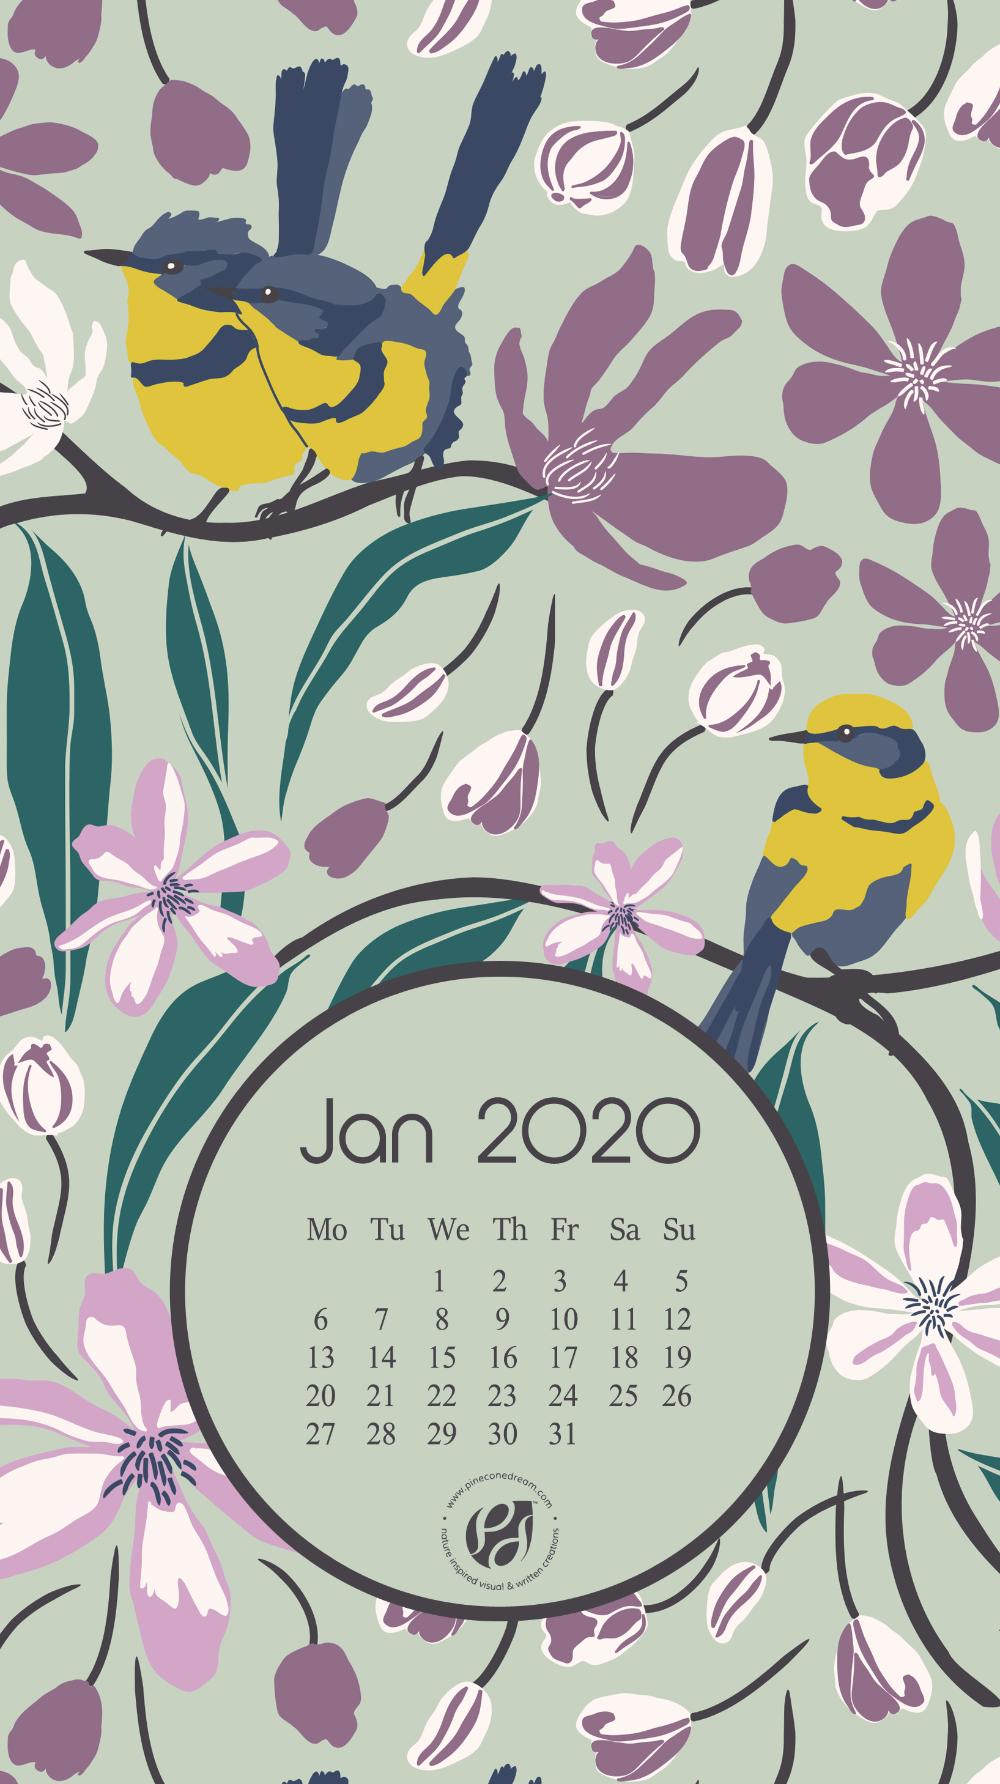 Jan 2020 free calendar wallpapers & printable planner